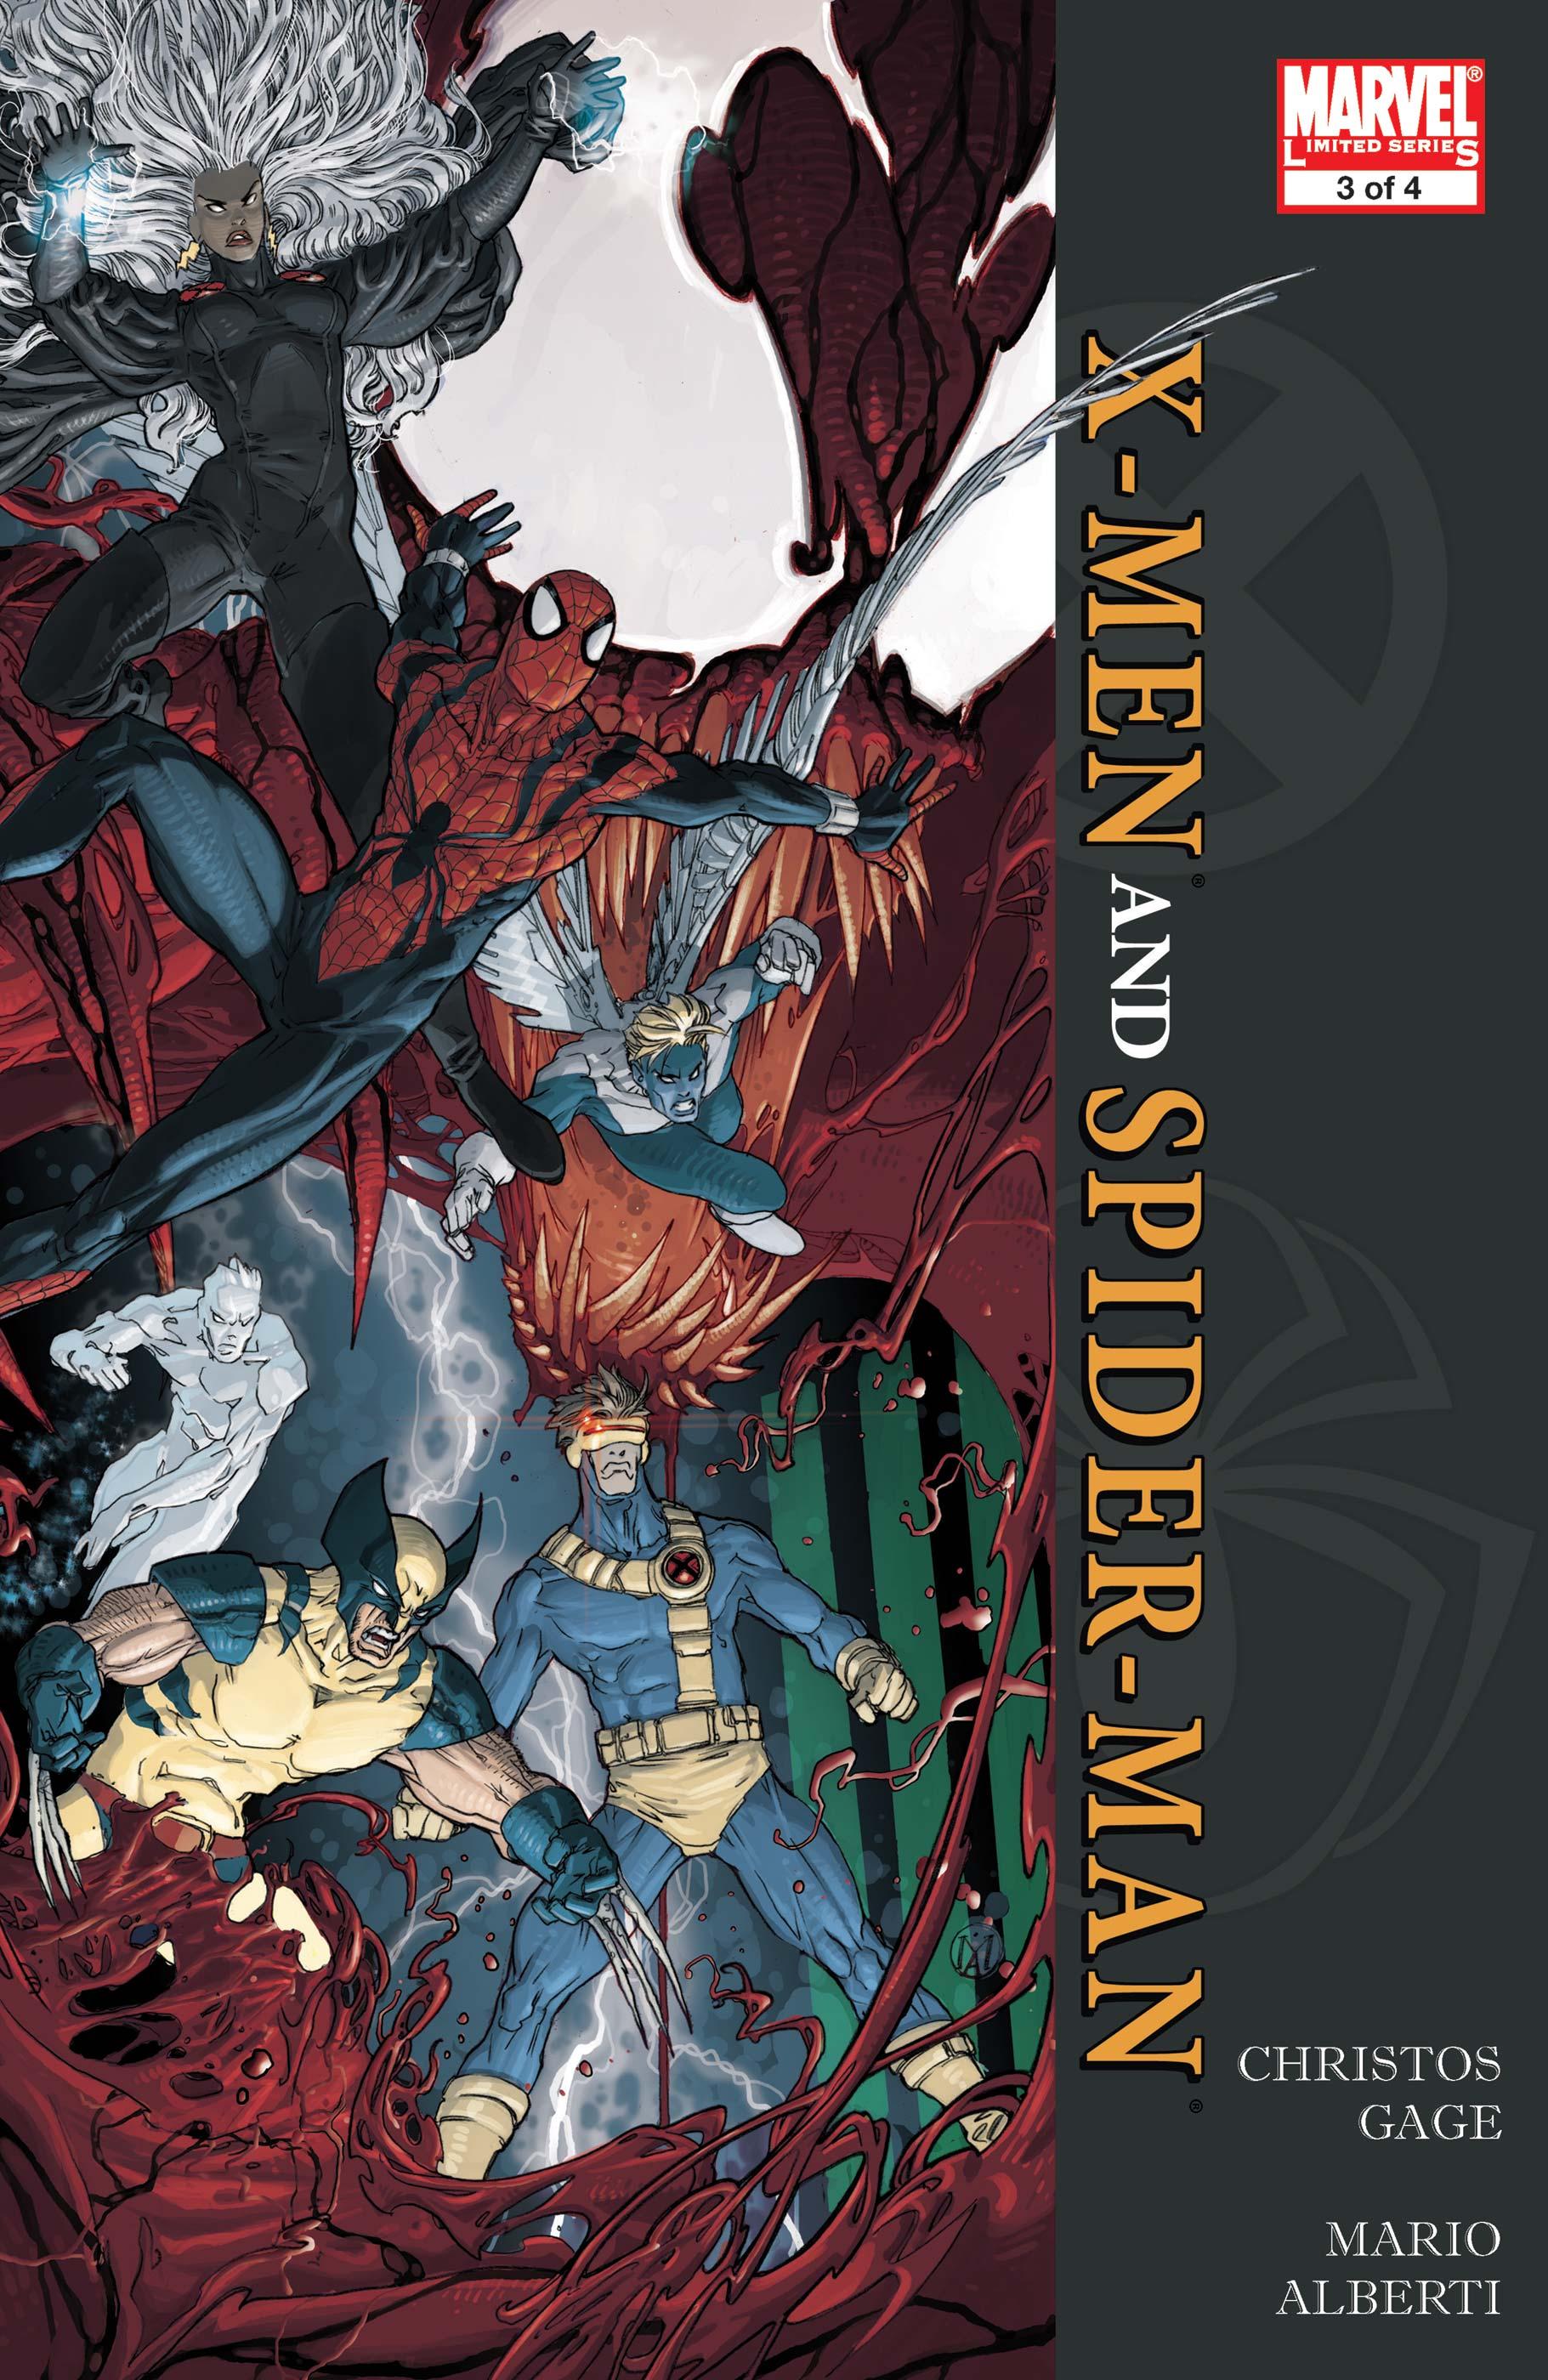 X-Men/Spider-Man (2008) #3